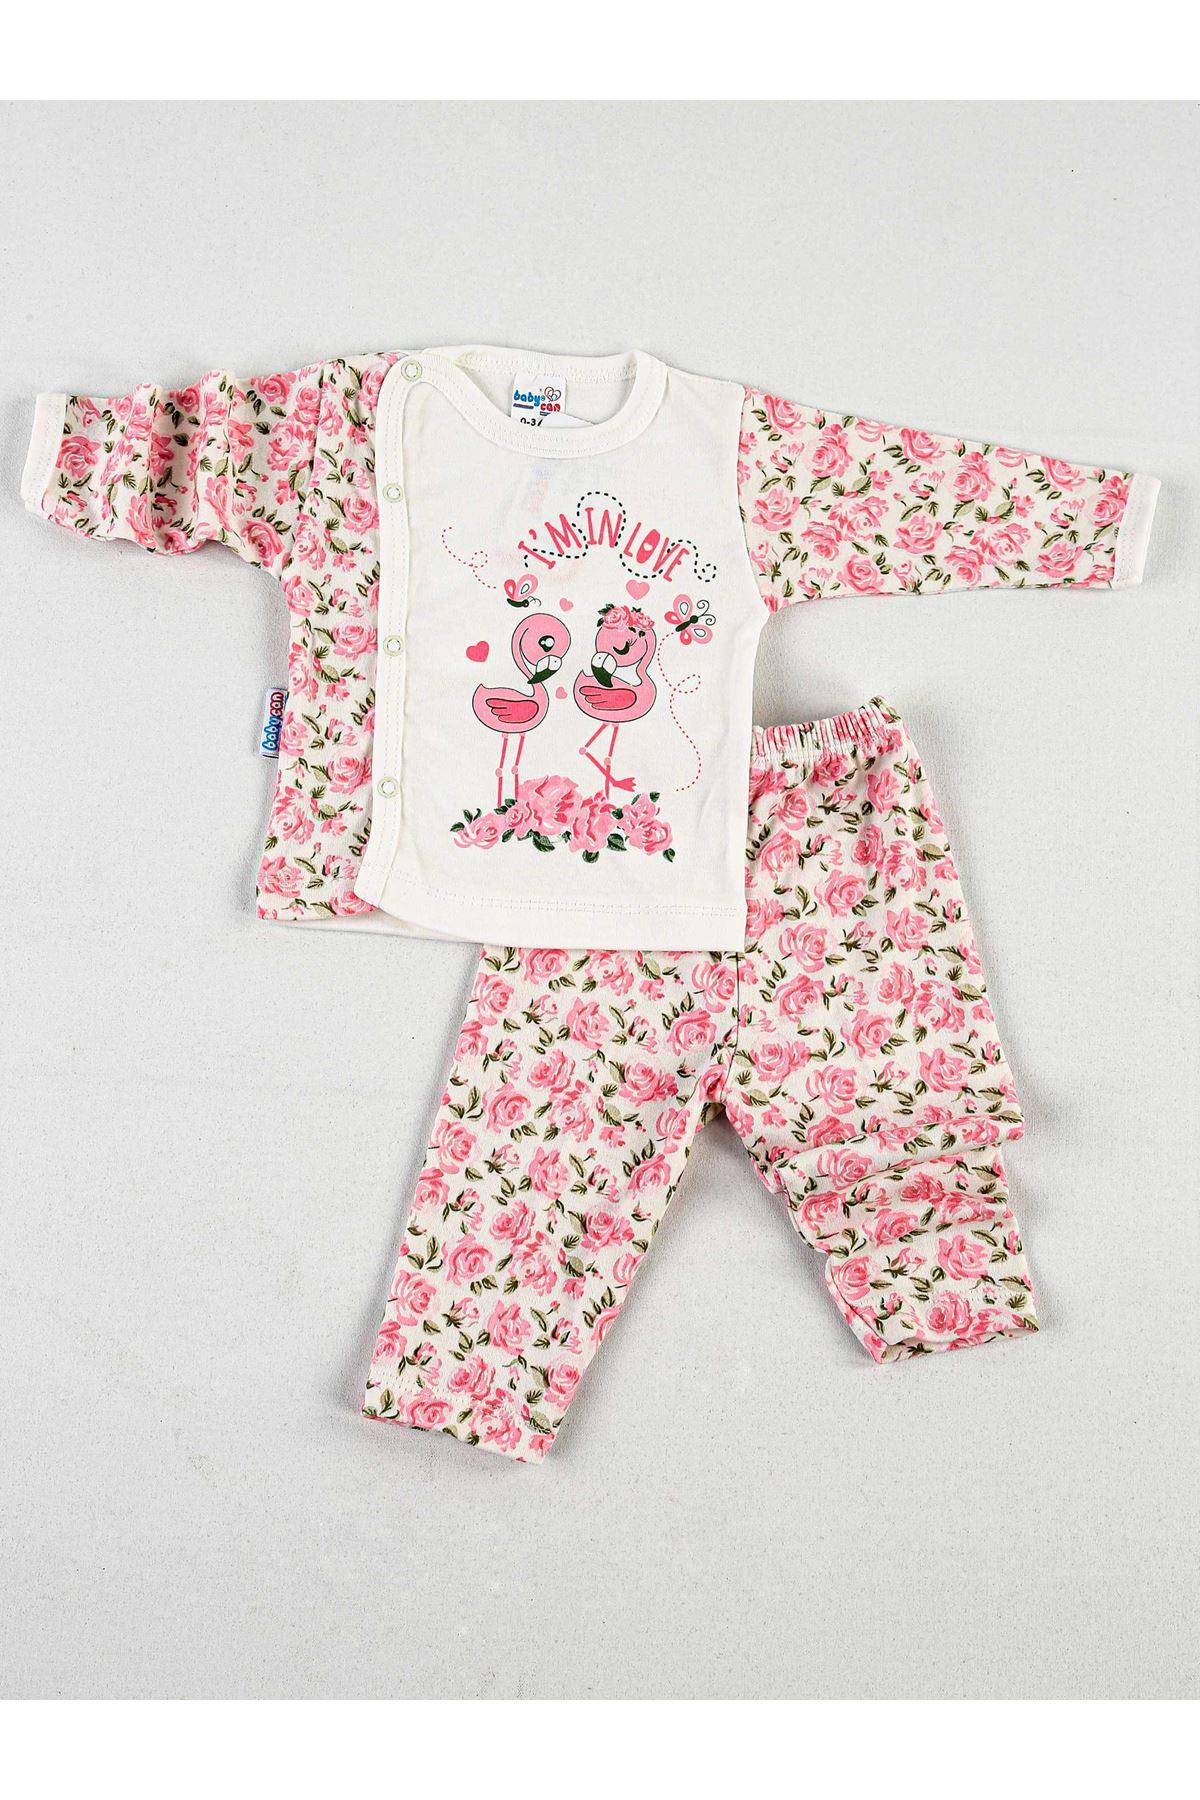 Pembe Beyaz Güllü 2 li Kız Bebek Zıbın Takım